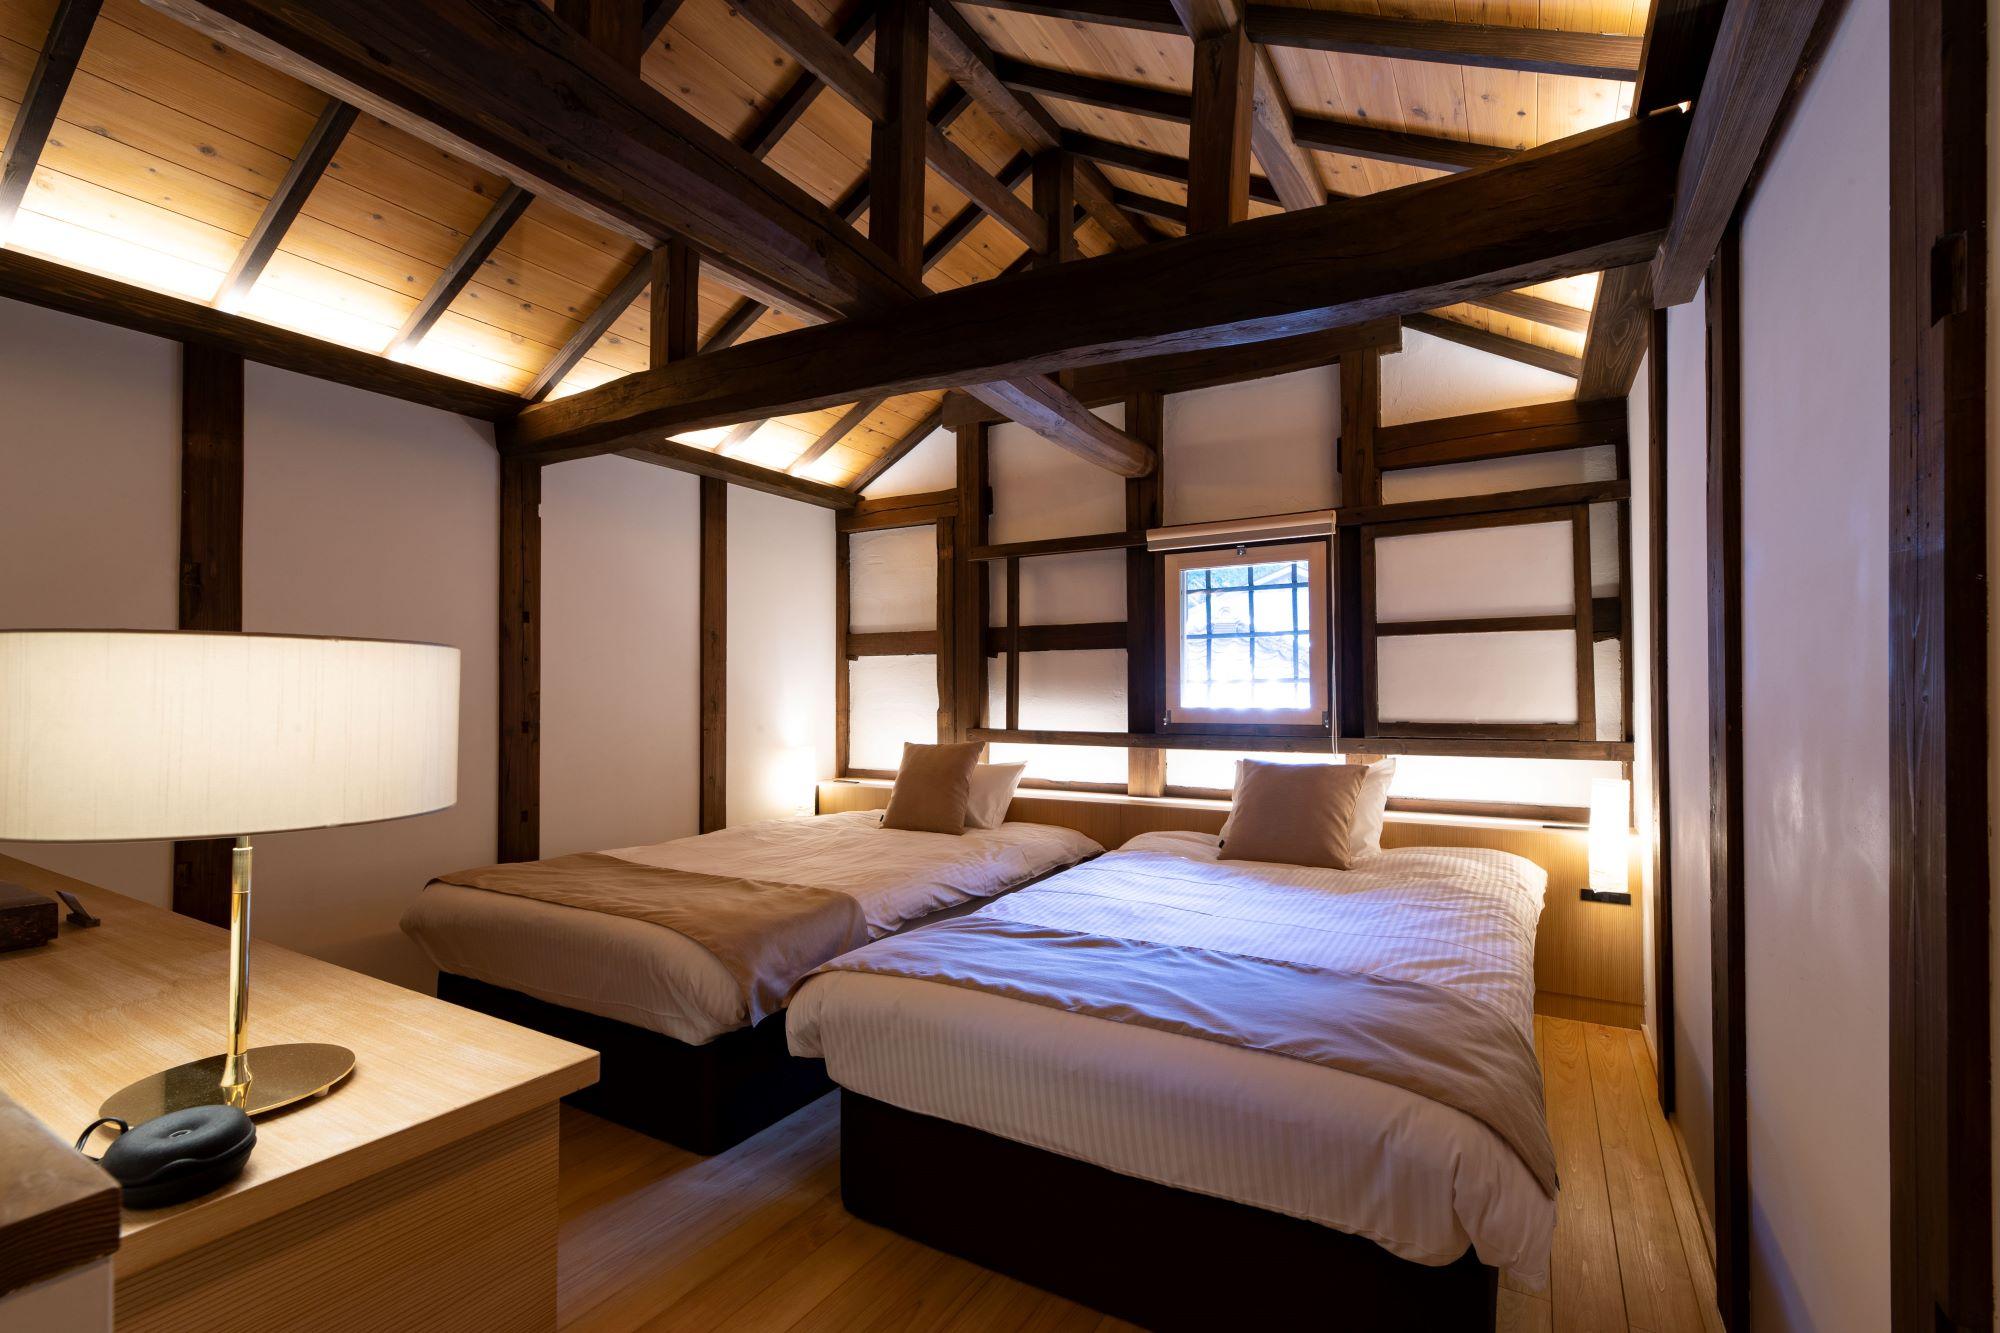 室内と続く「内蔵(うちくら)」をリノベーションしたベッドルーム。